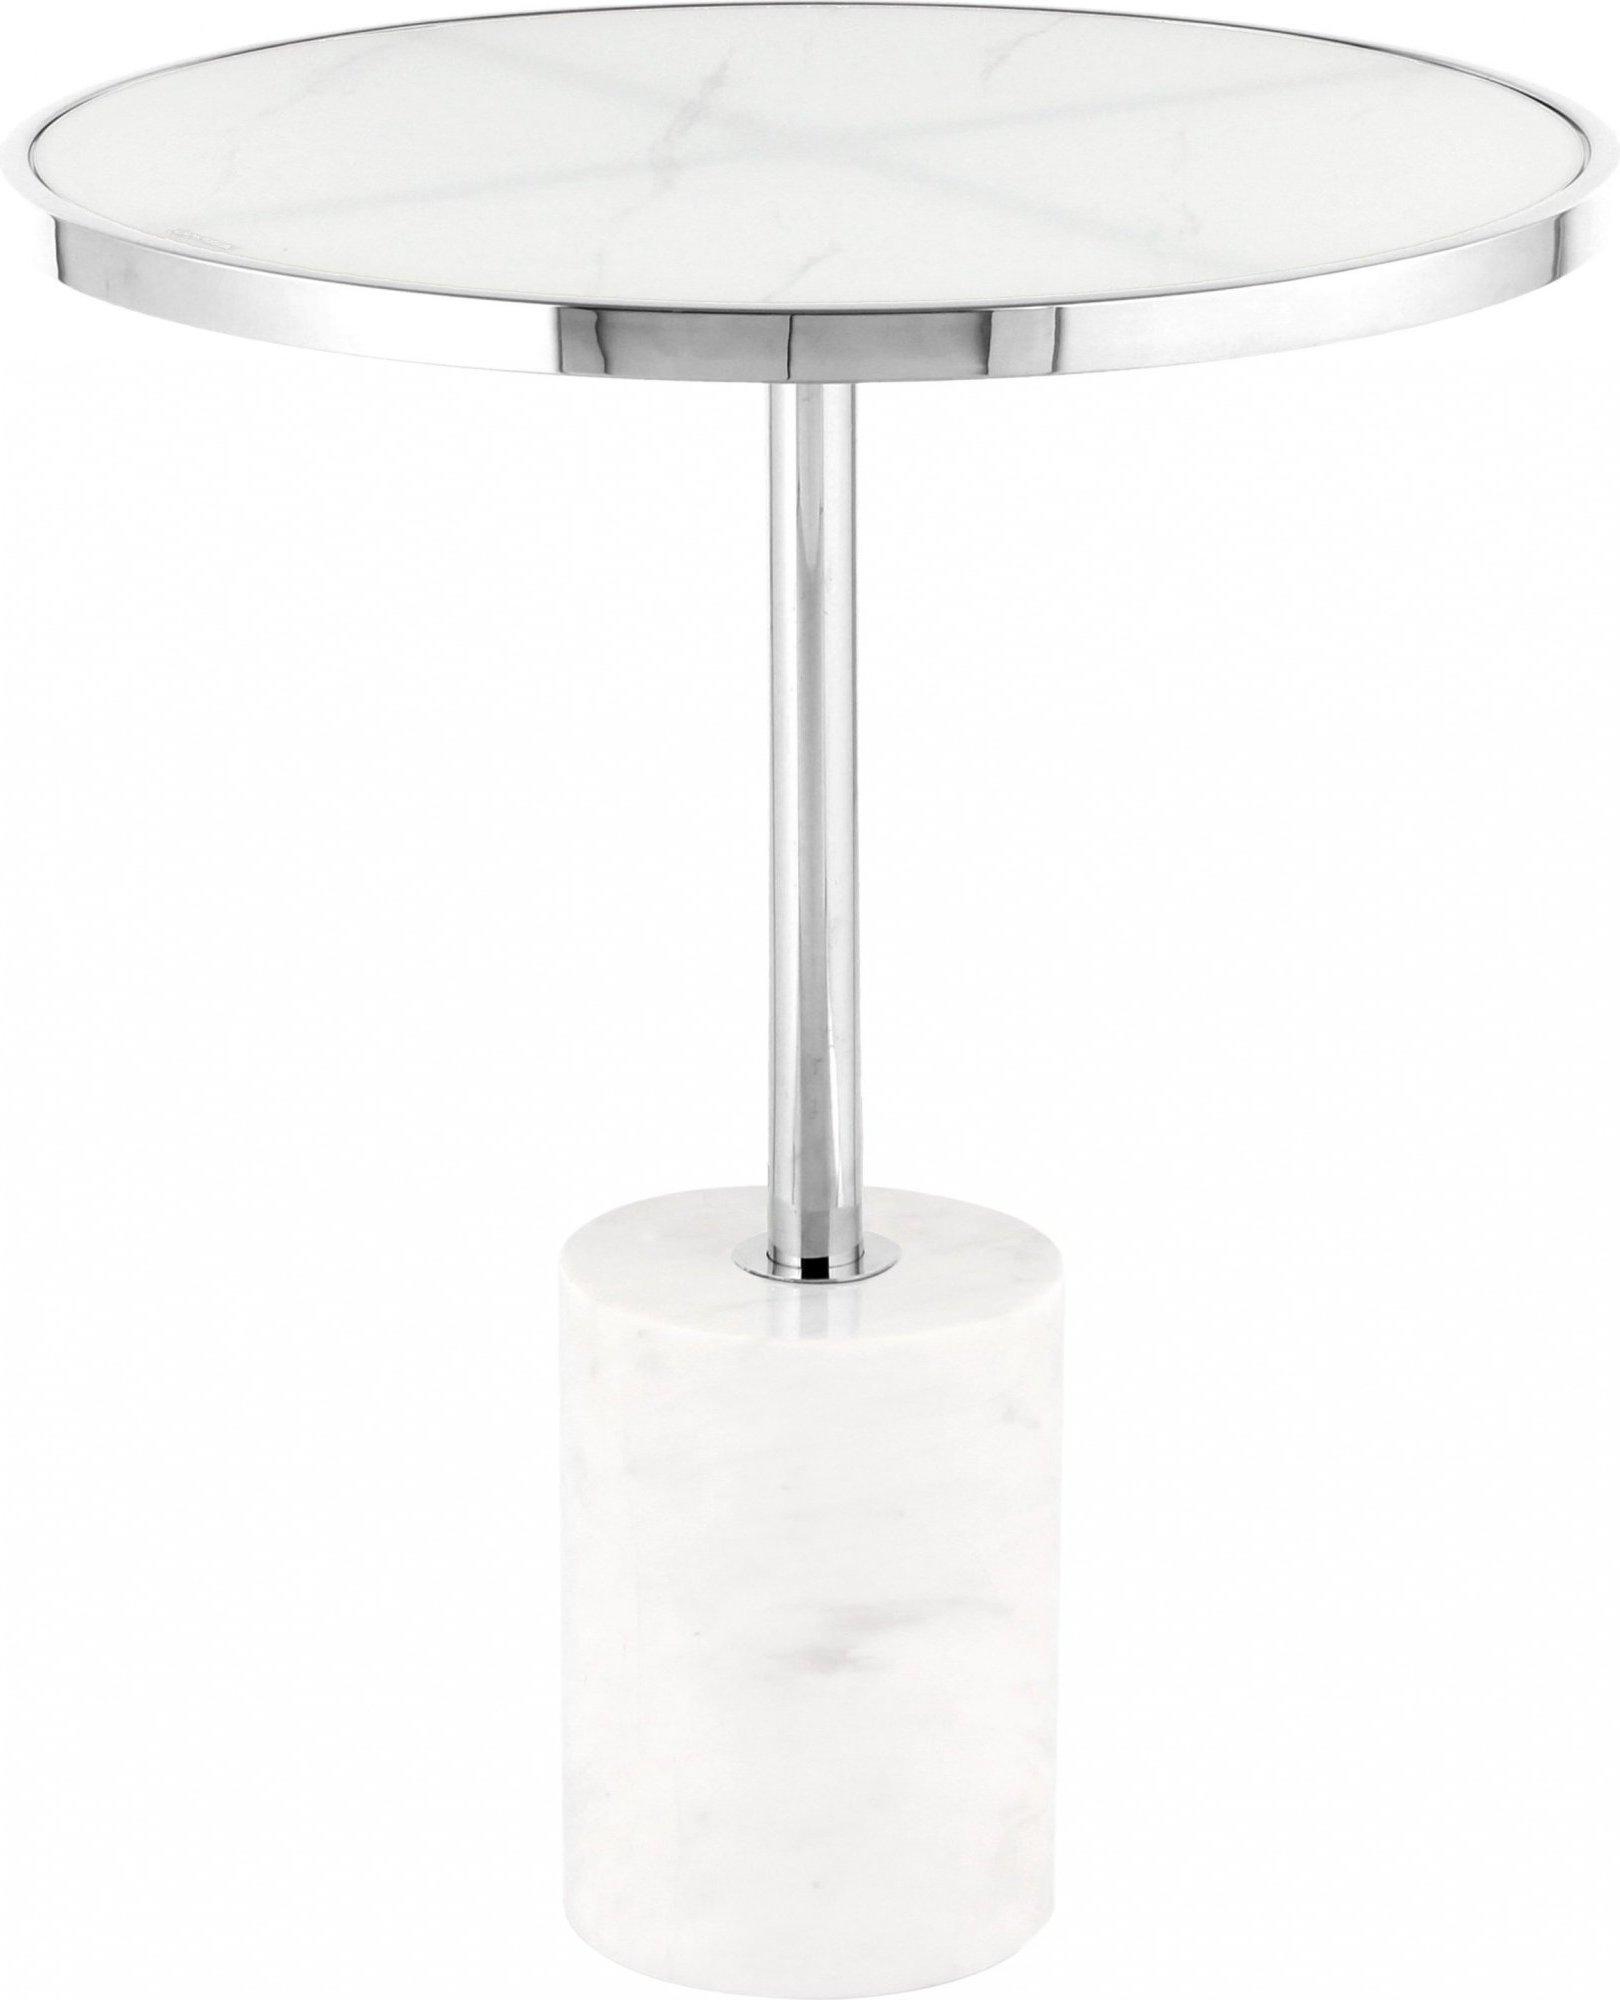 maison du monde Table d'appoint ronde embase marbre blanc cerclage argent d46cm